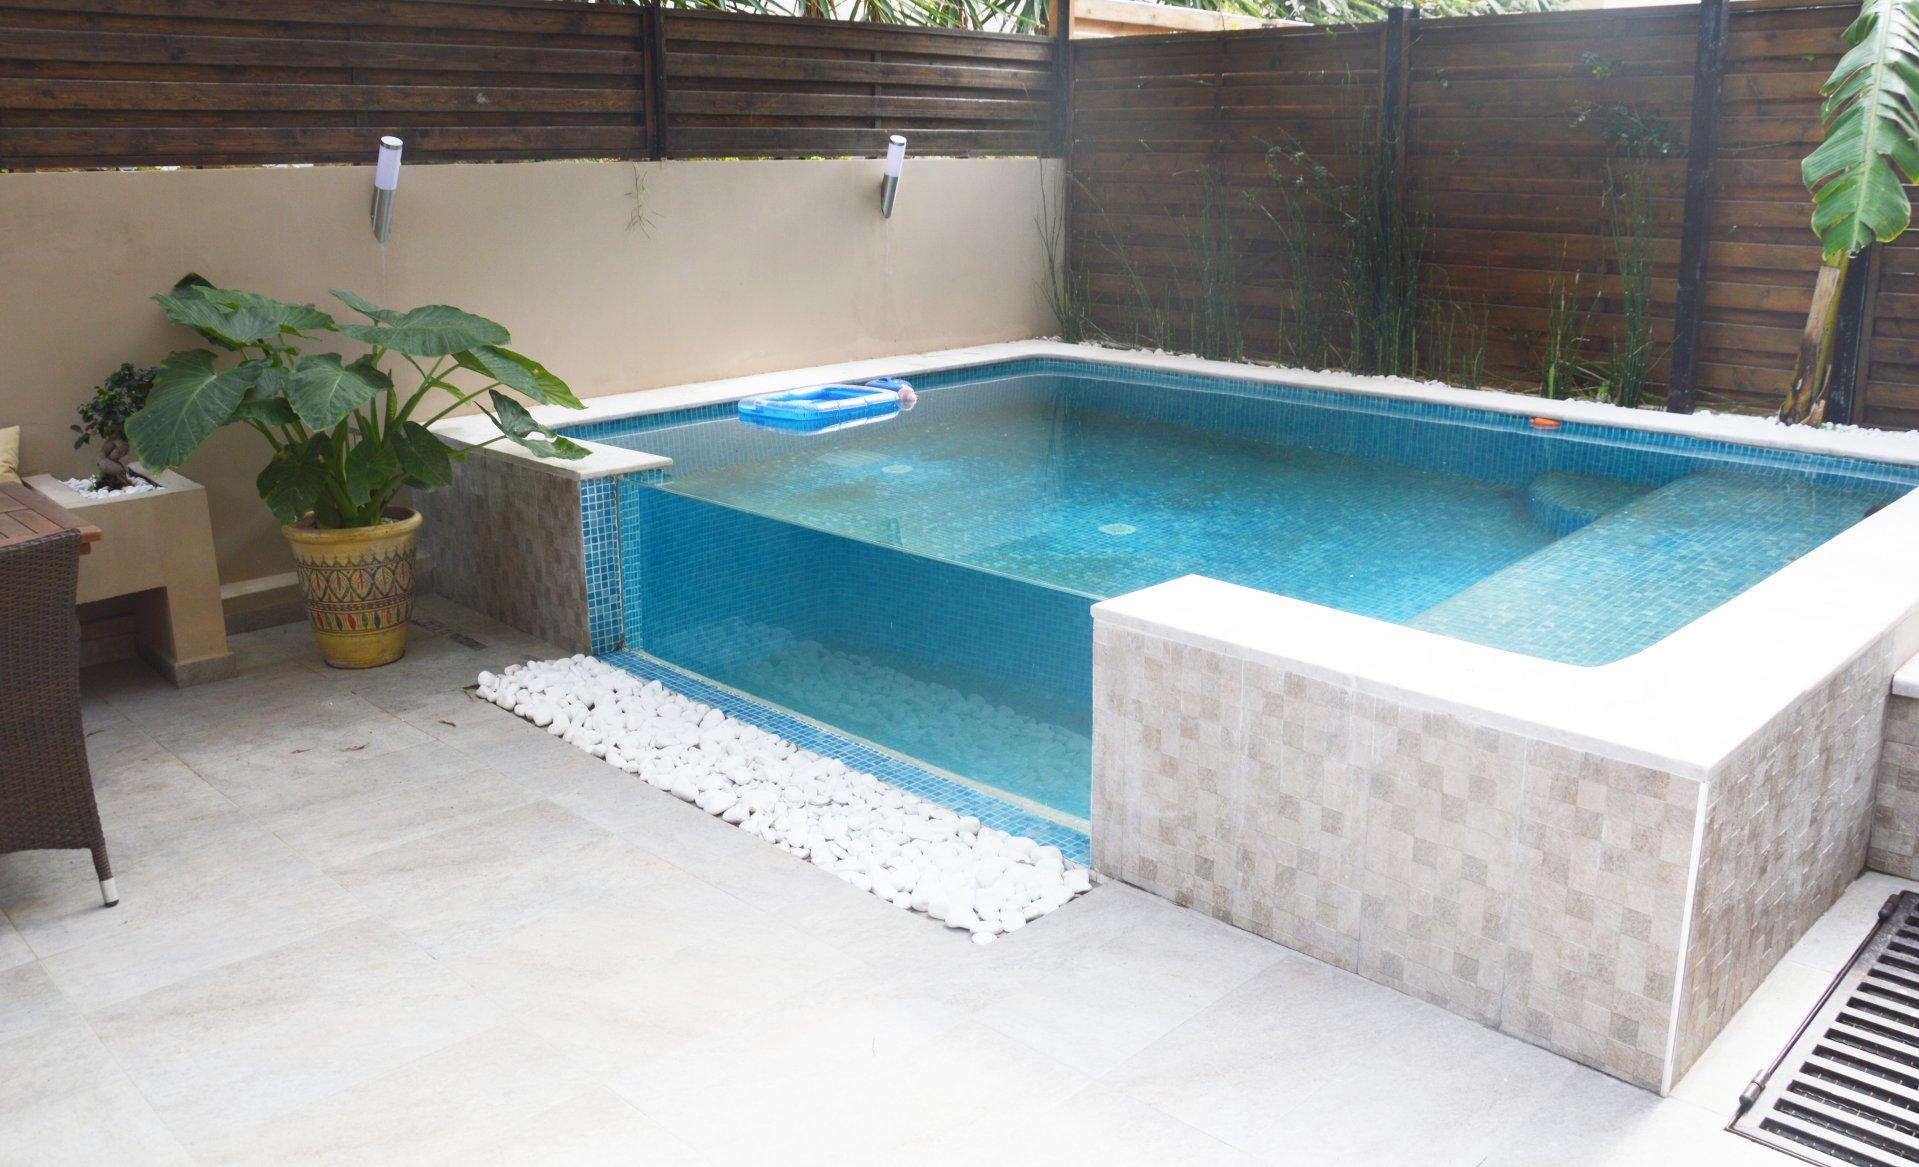 Sale Apartment villa - La Marsa - Tunisia